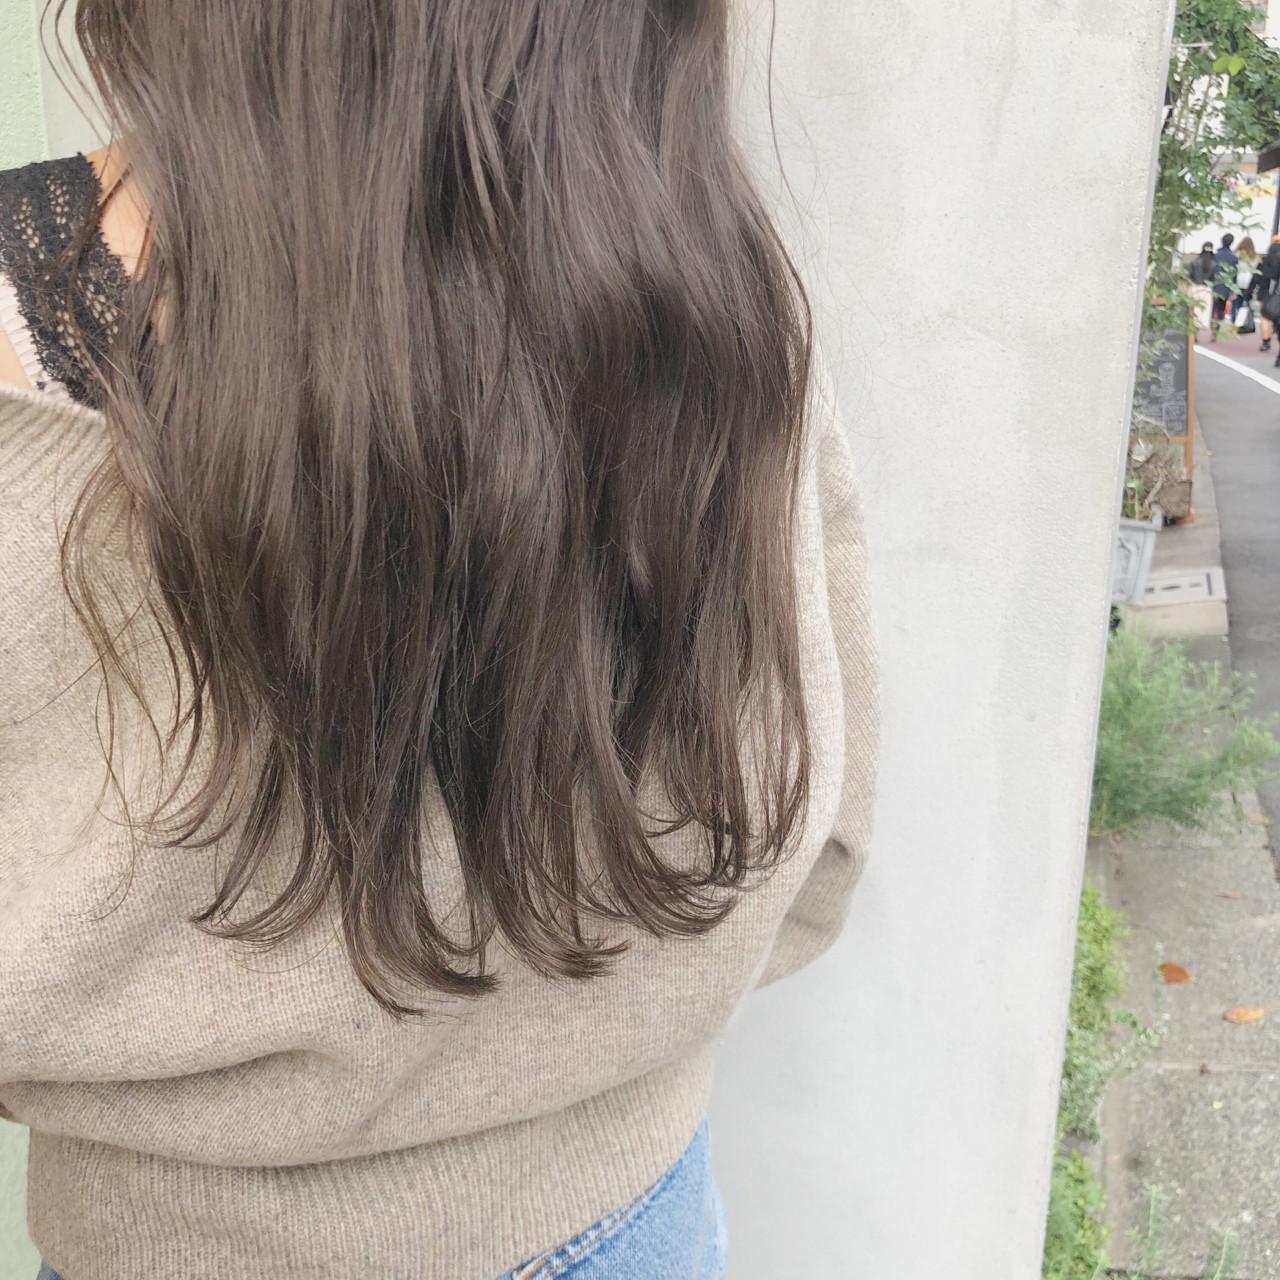 大人かわいい ウェーブ オフィス ガーリー ヘアスタイルや髪型の写真・画像 | 中島 潮里 / whyte / whyte